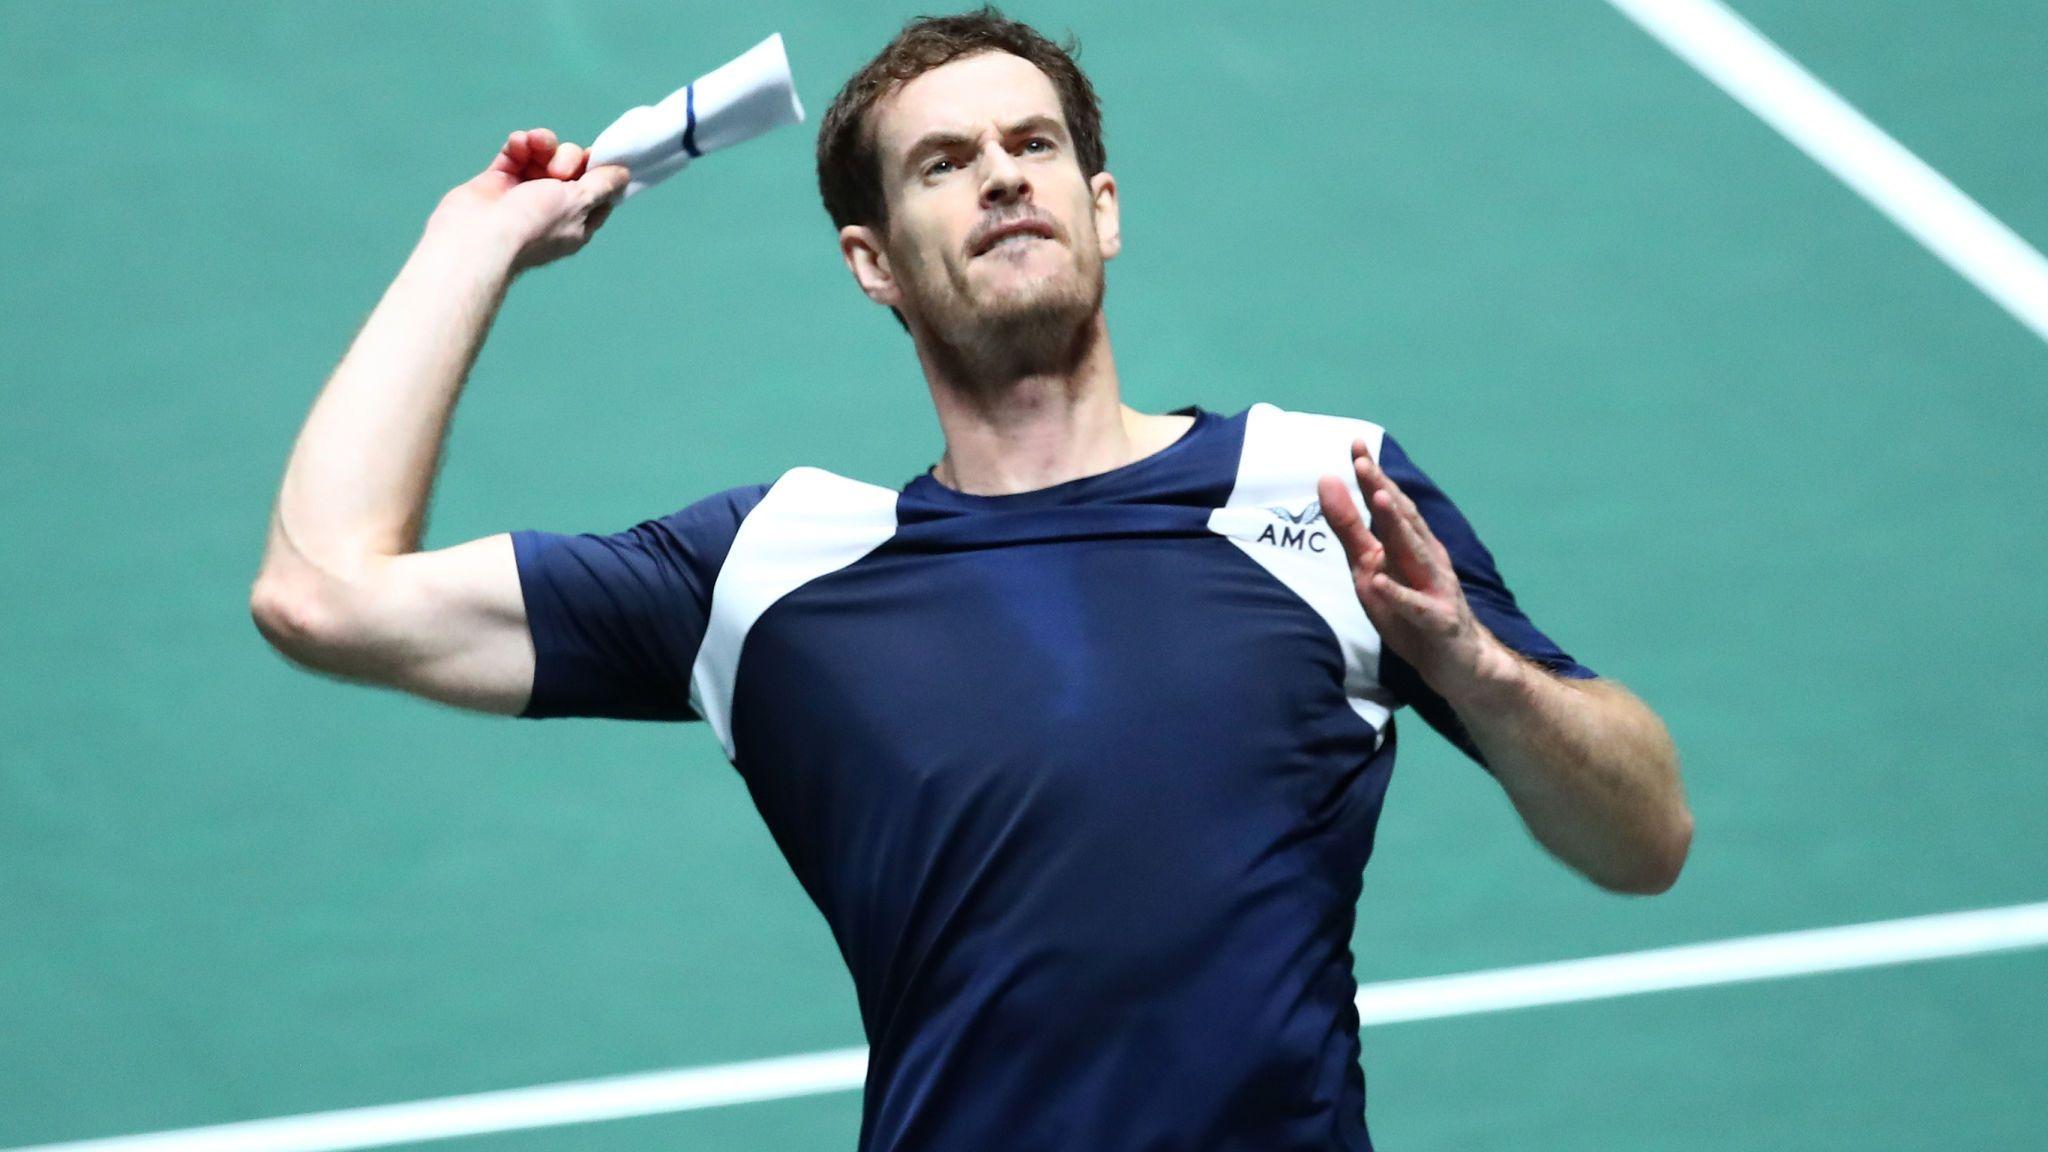 Problemas en la ingle evitarán que Andy Murray participe en el  Abierto de Australia